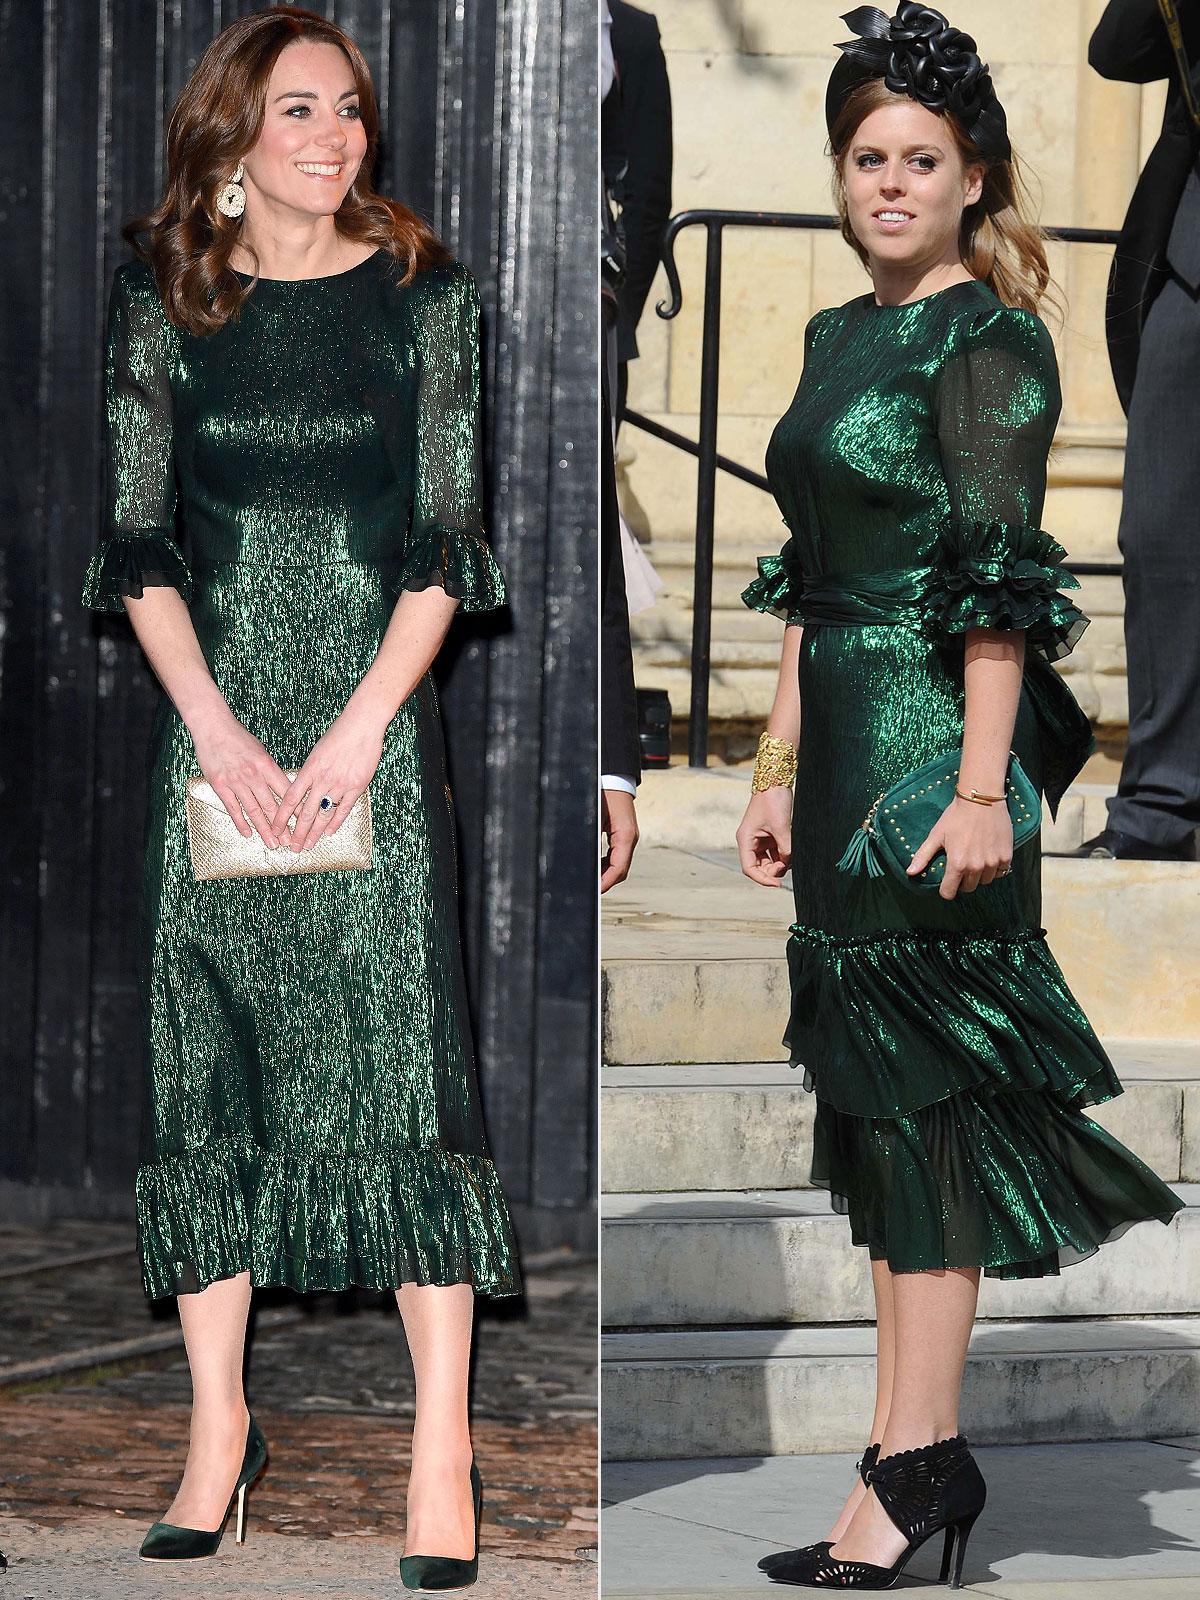 """Công nương Kate bị chê mặc xấu khi diện váy hao hao """"Công chúa thị phi nhất hoàng gia Anh"""" - Ảnh 4."""